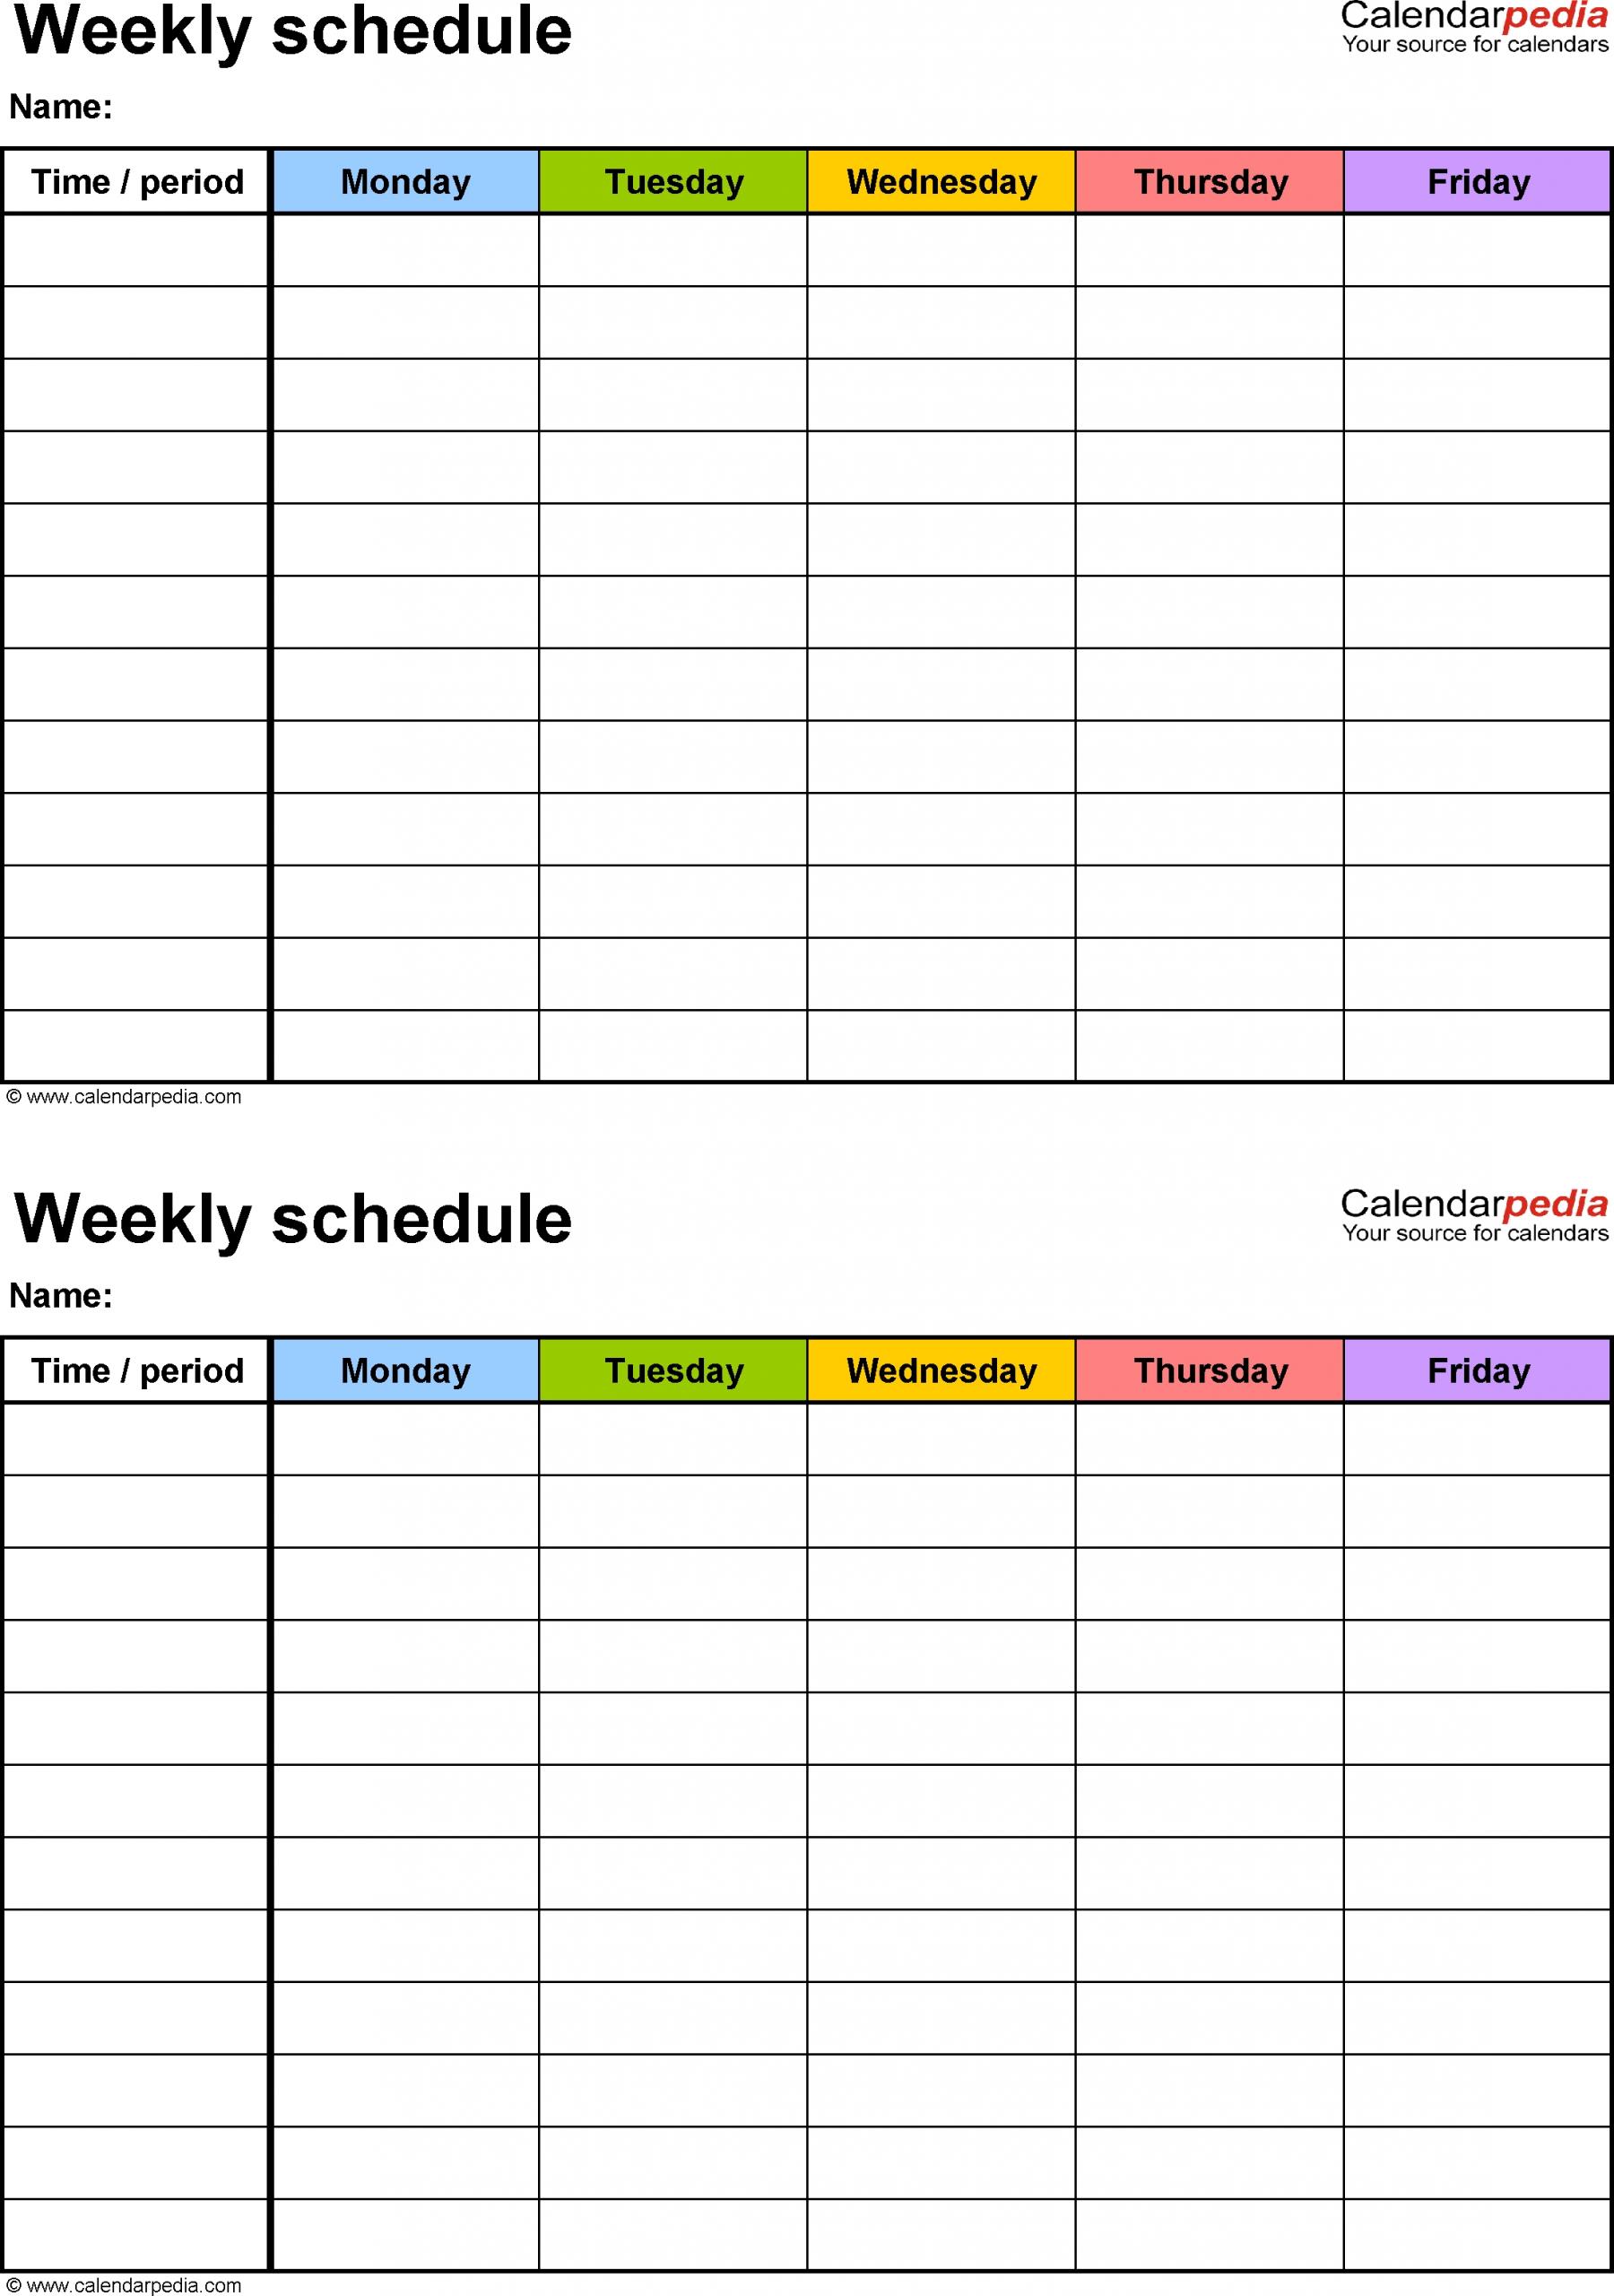 Blank Calender Two Weeks | Calendar Template Printable Two Week Calendar Template